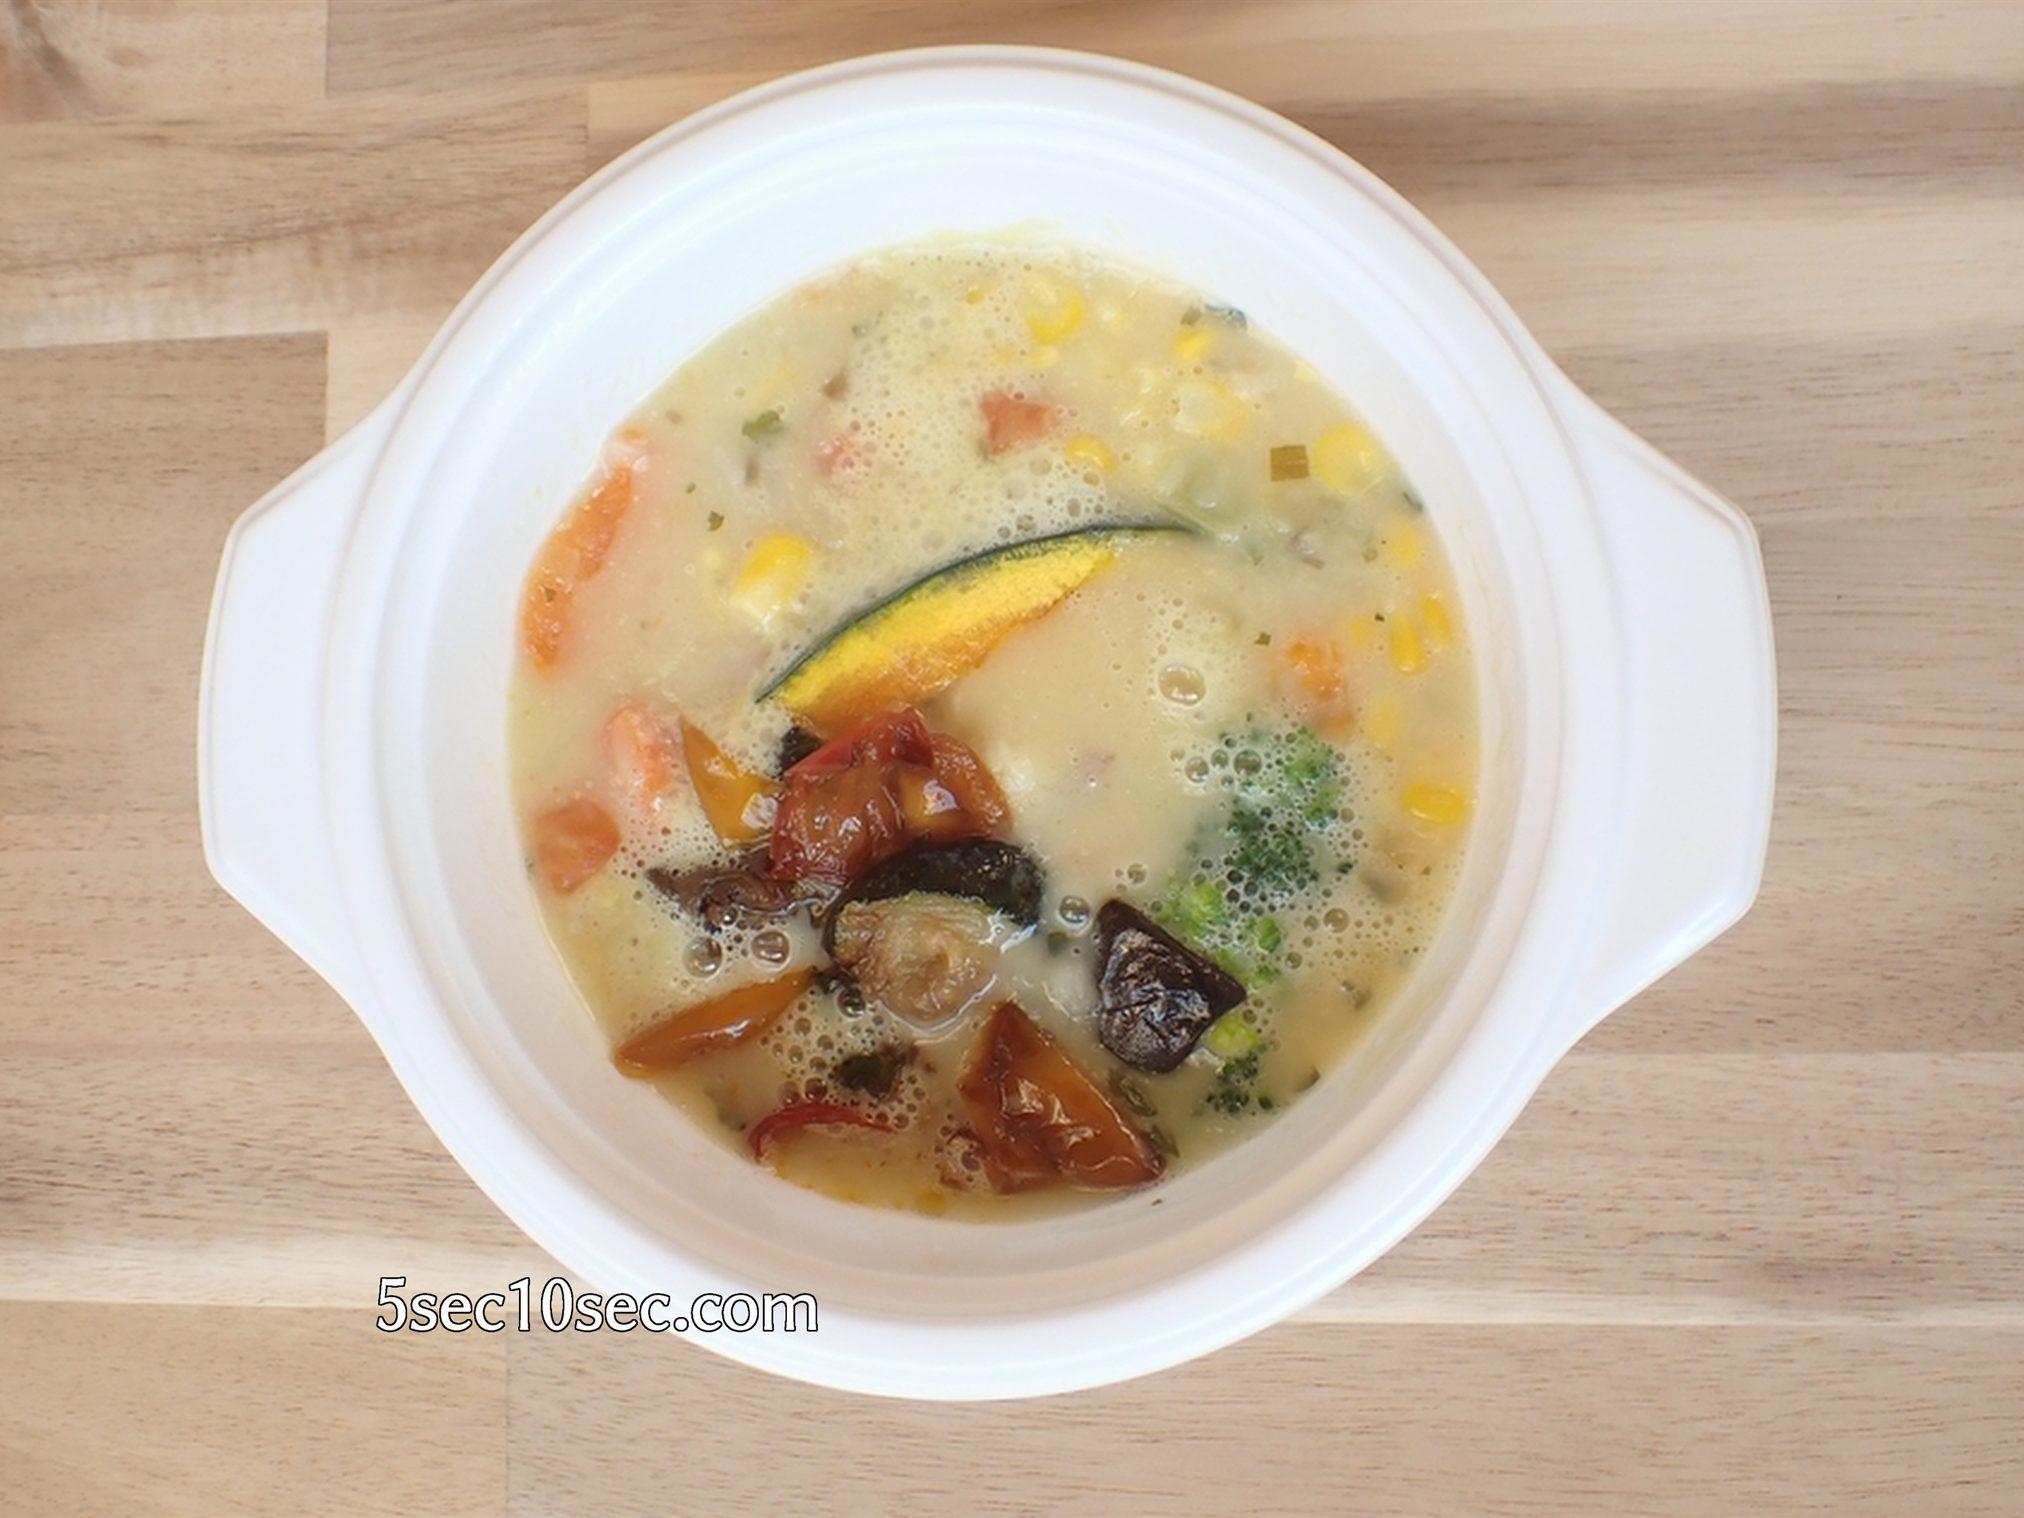 ウェルネスダイニング ベジ活スープ食 コーンチャウダー レンジで解凍した写真